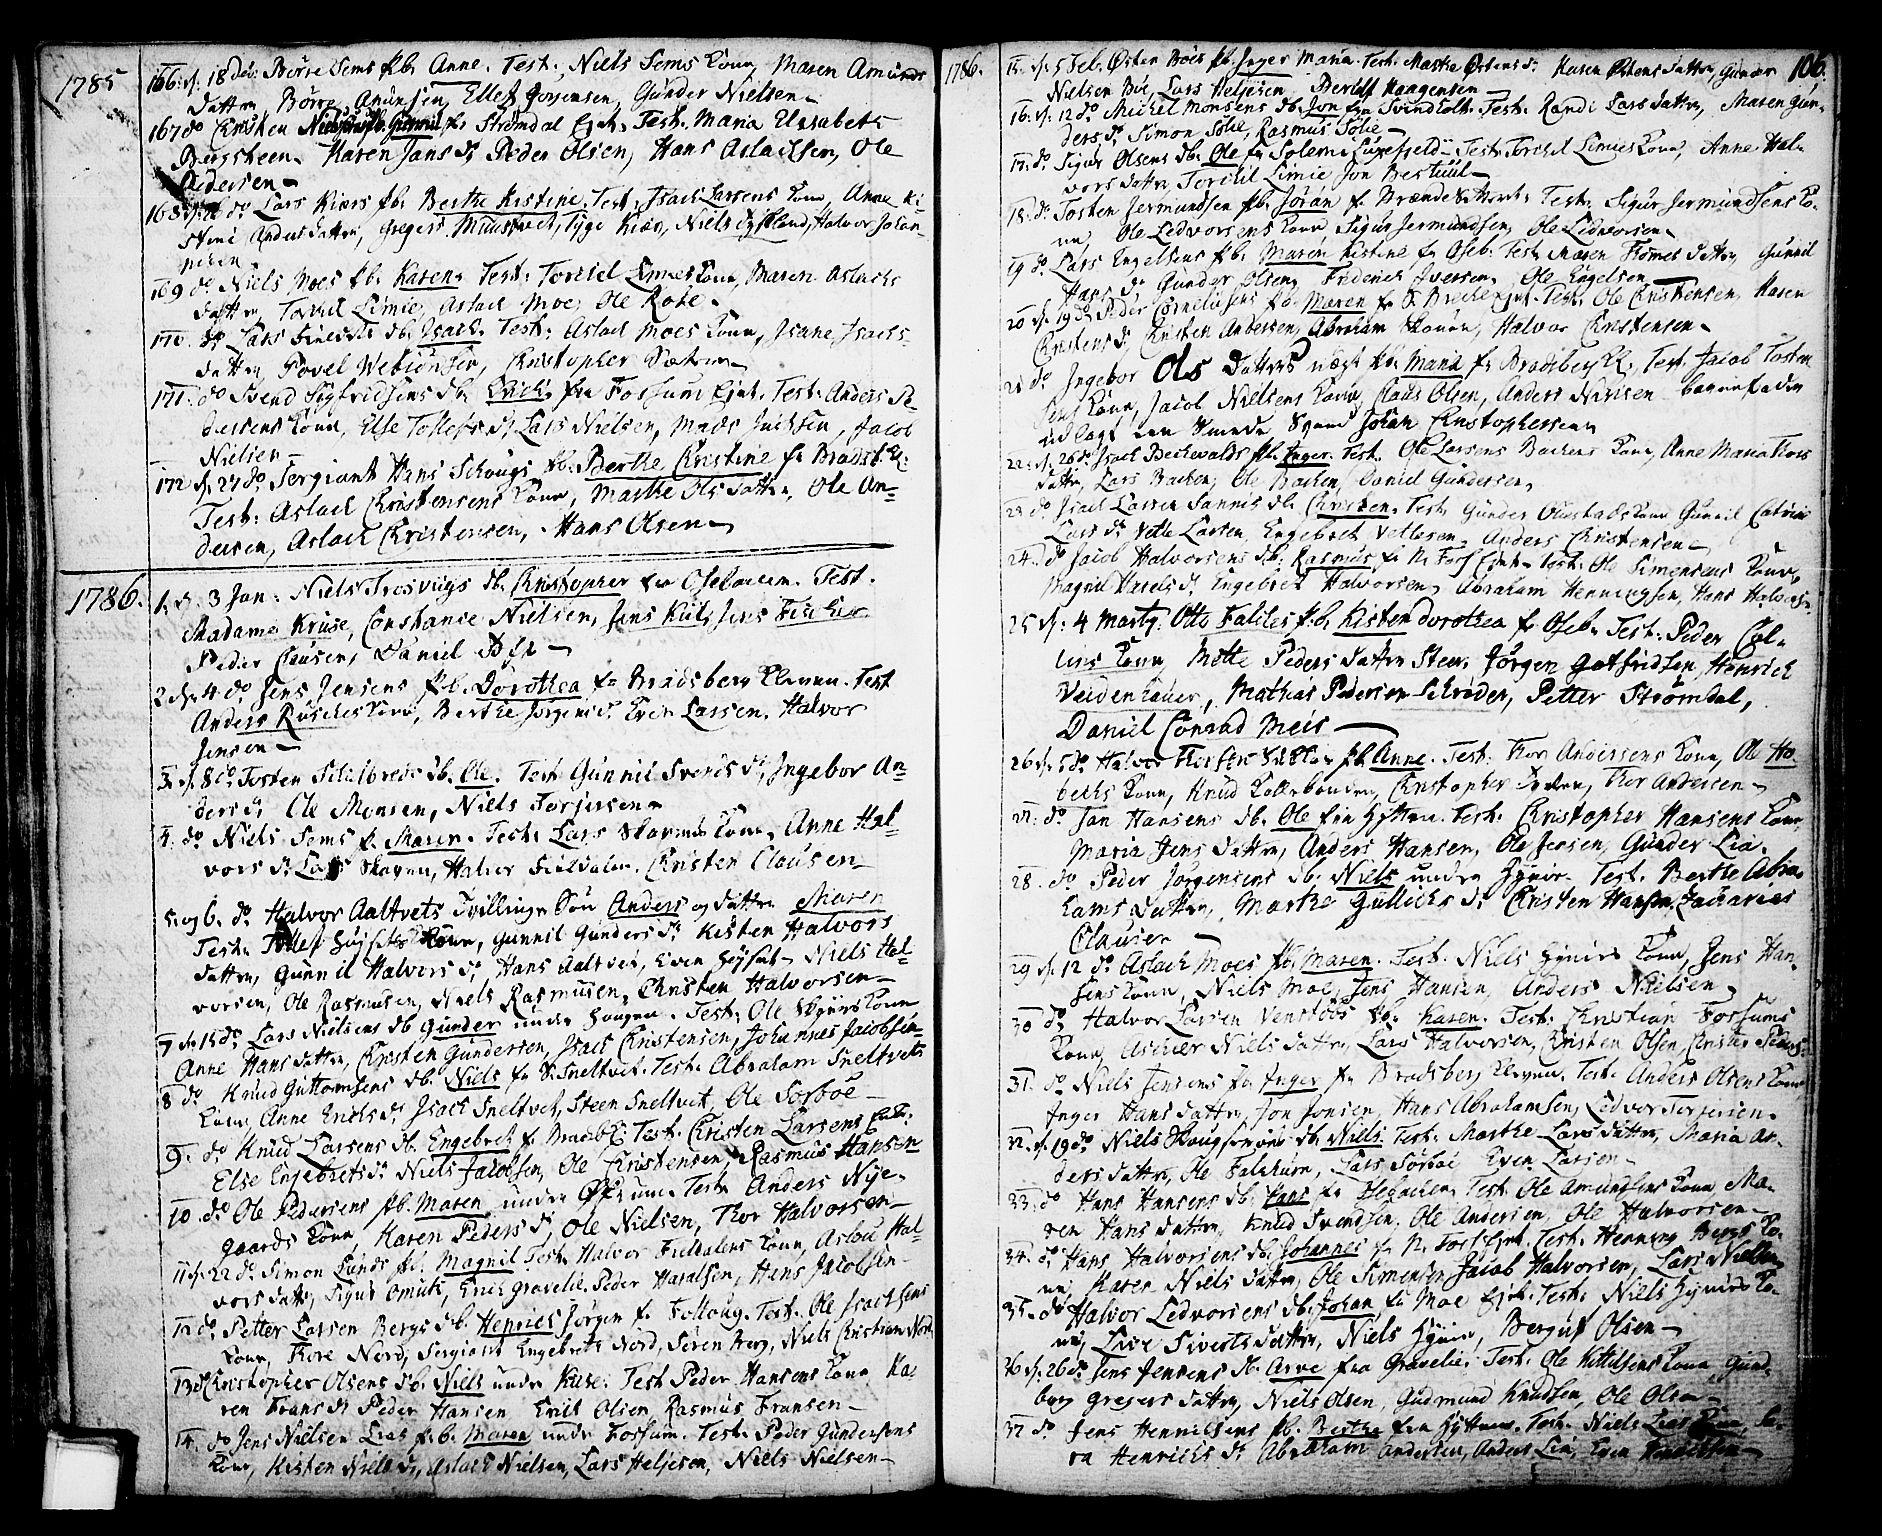 SAKO, Gjerpen kirkebøker, F/Fa/L0002: Ministerialbok nr. 2, 1747-1795, s. 106